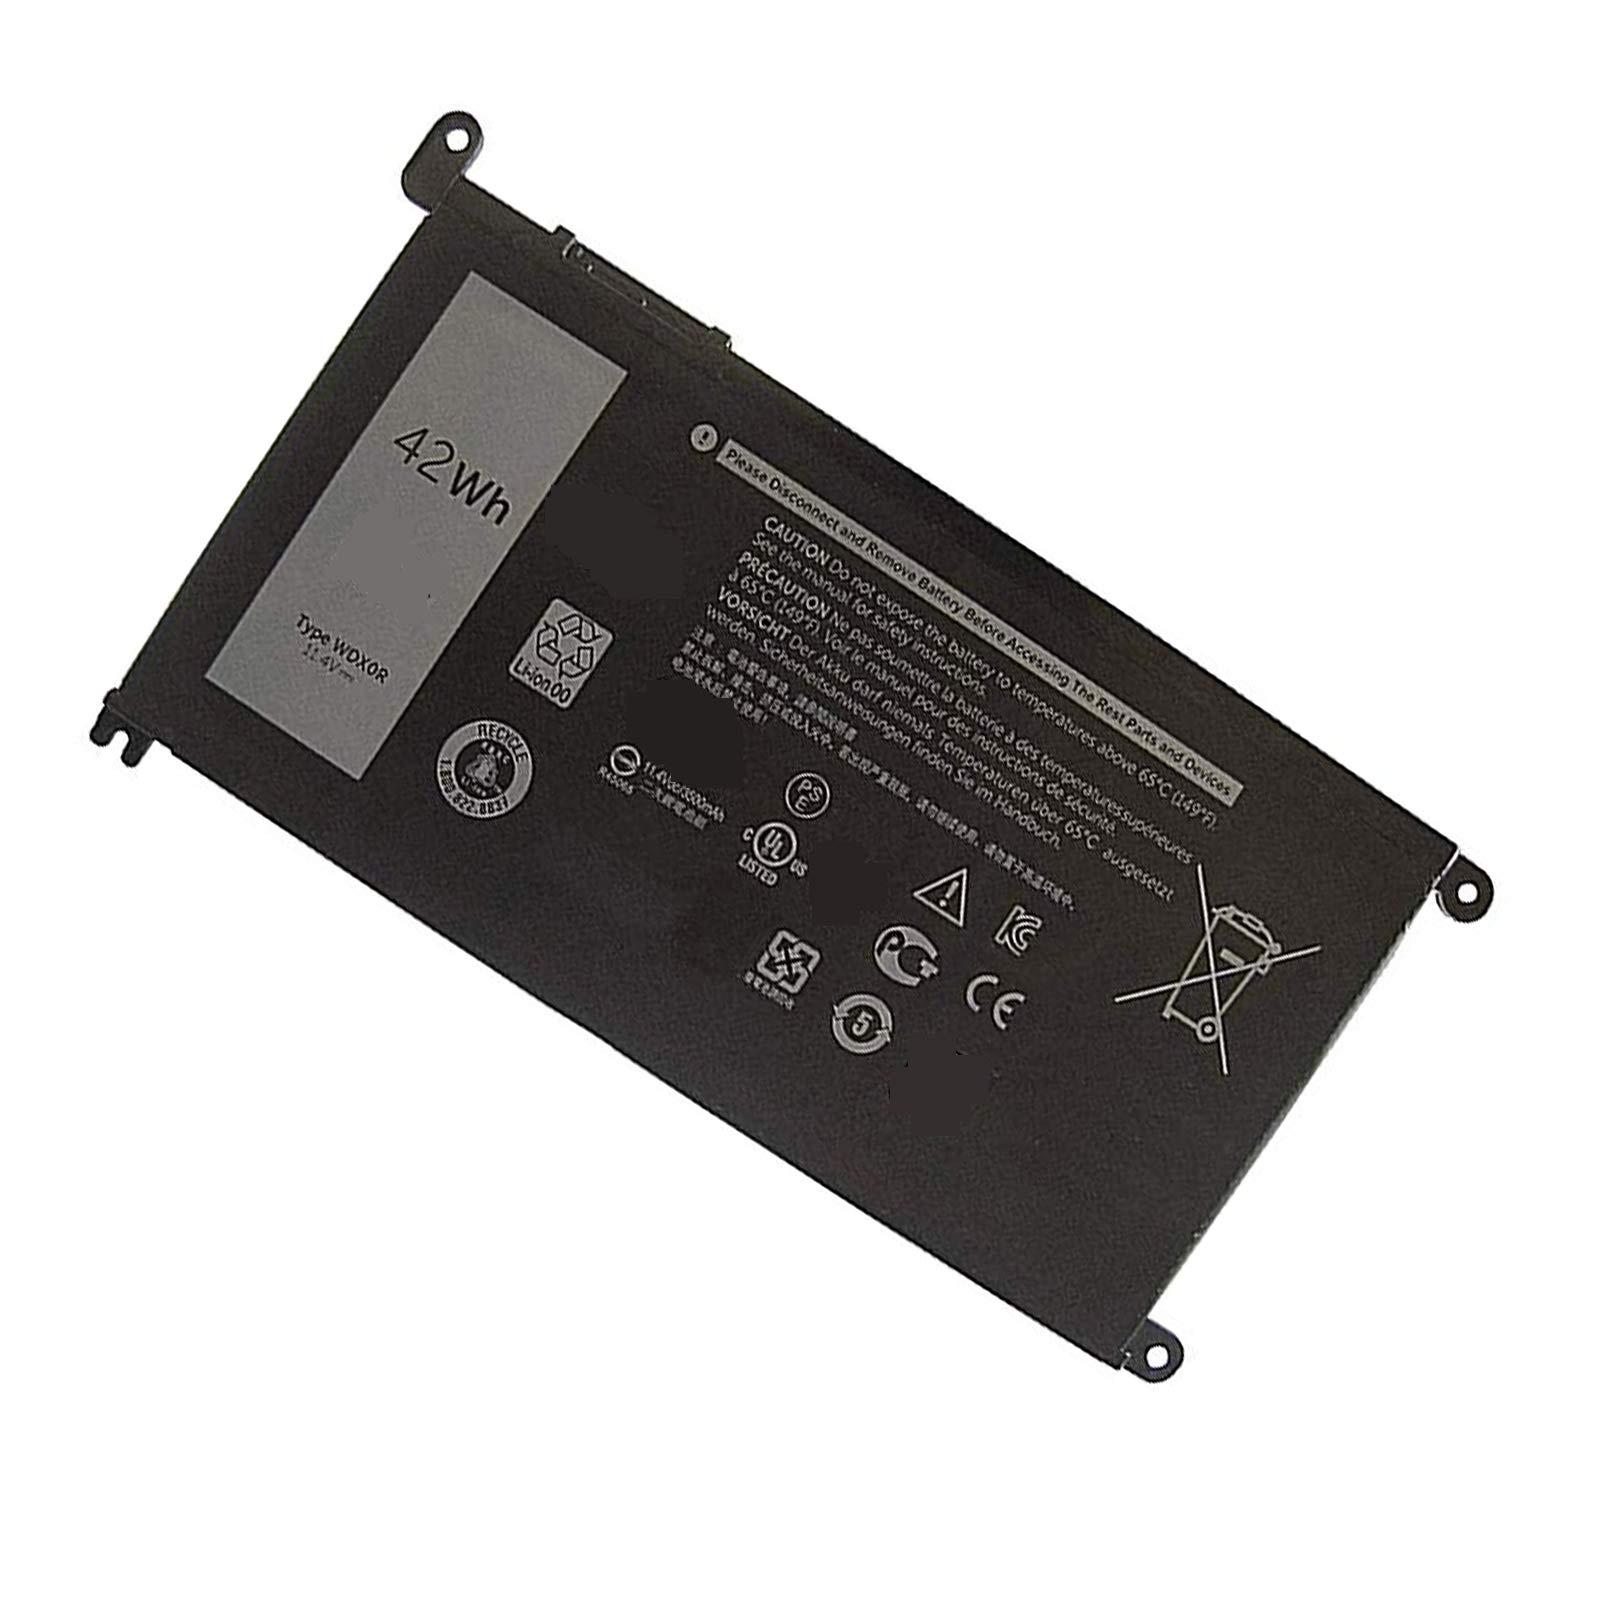 Bateria 42wh Wdx0r Wdxor Dell Inspiron 15 5568 7560 5567/13